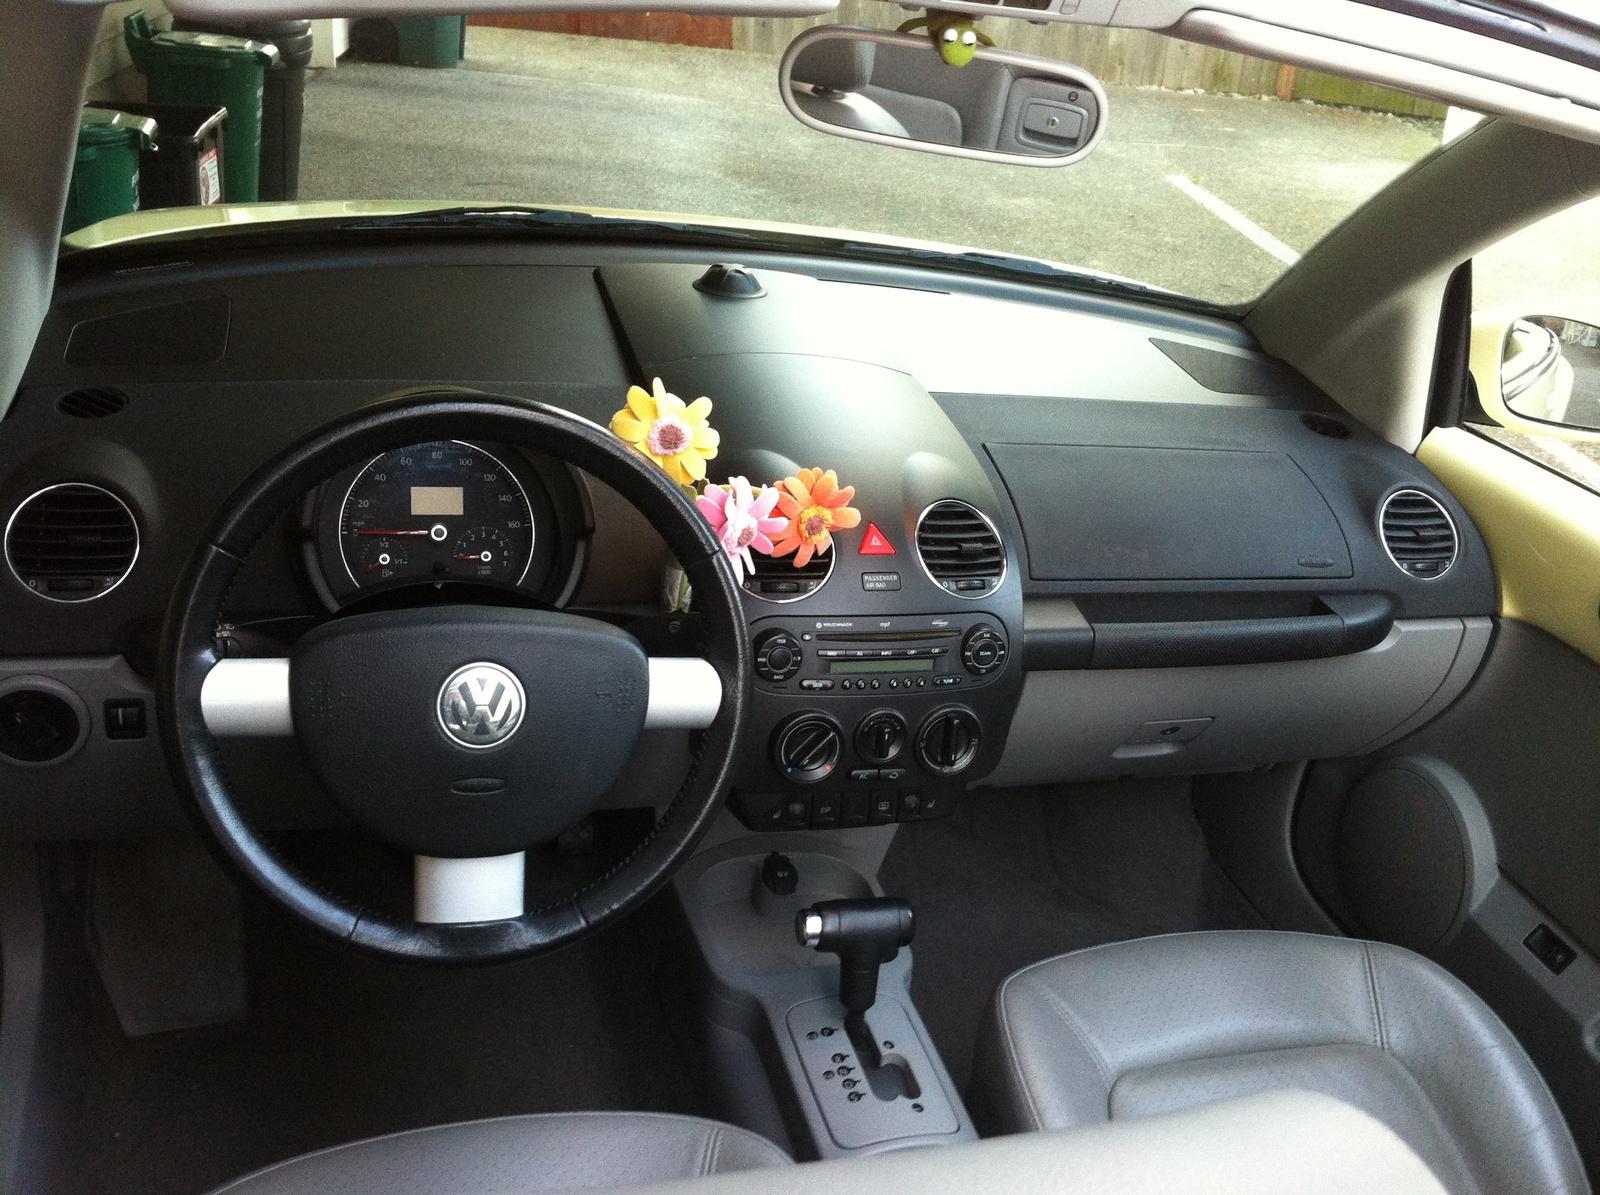 2006 Volkswagen Beetle Interior Pictures Cargurus